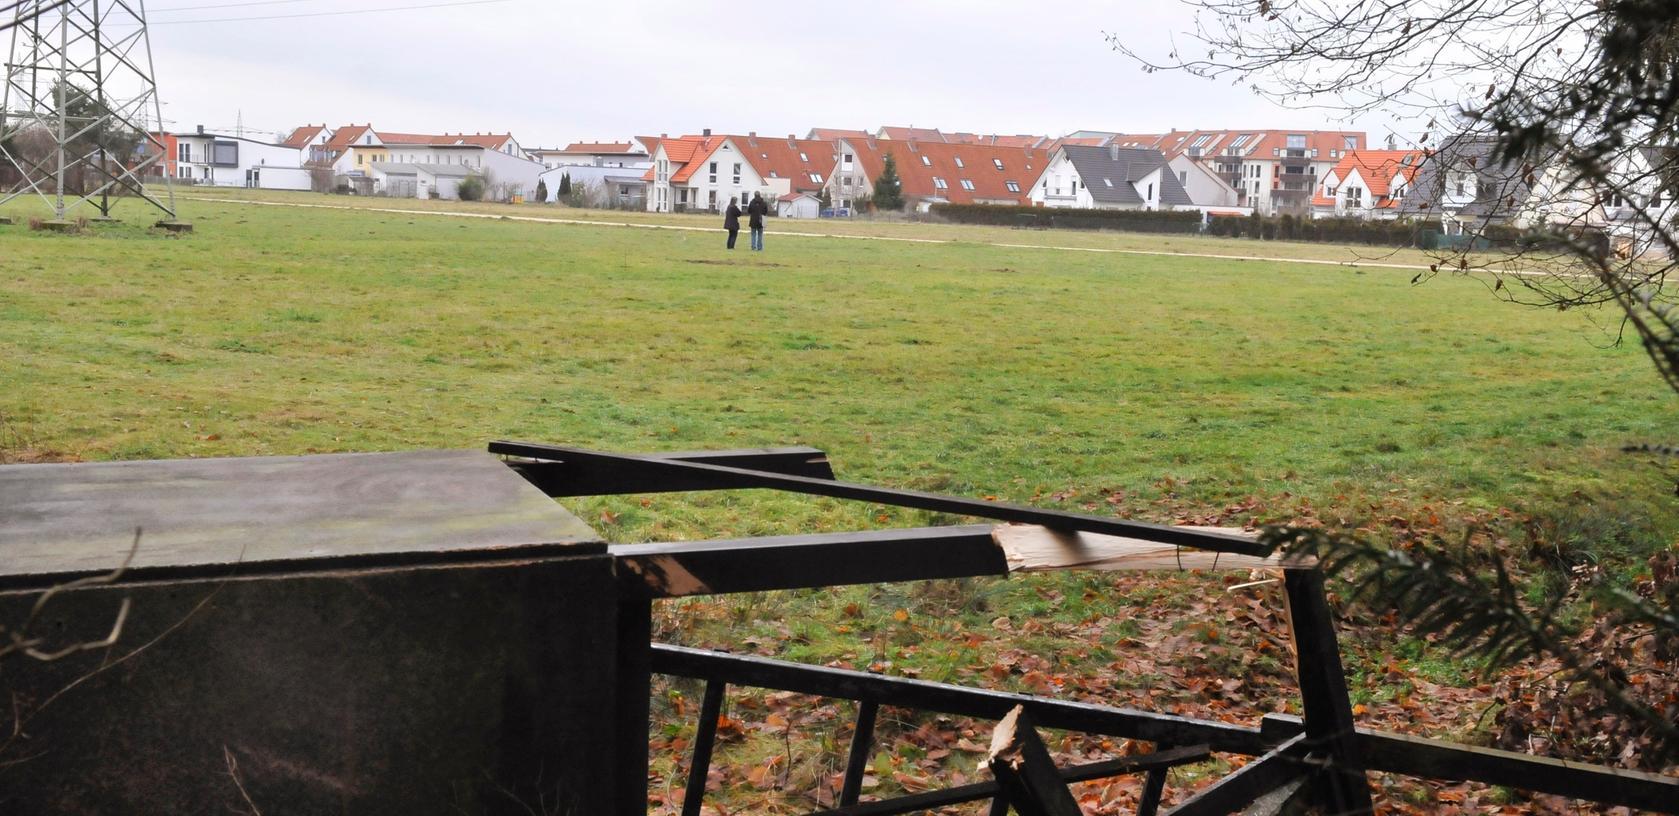 Auf dieser Wiese unmittelbar am Schnakenwinkelweg bei Rehhof wurde vom Jägerstand (den Volkes Zorn in der Folge stürzte) ein Hund aus einer Hunde/Menschgruppe erschossen.